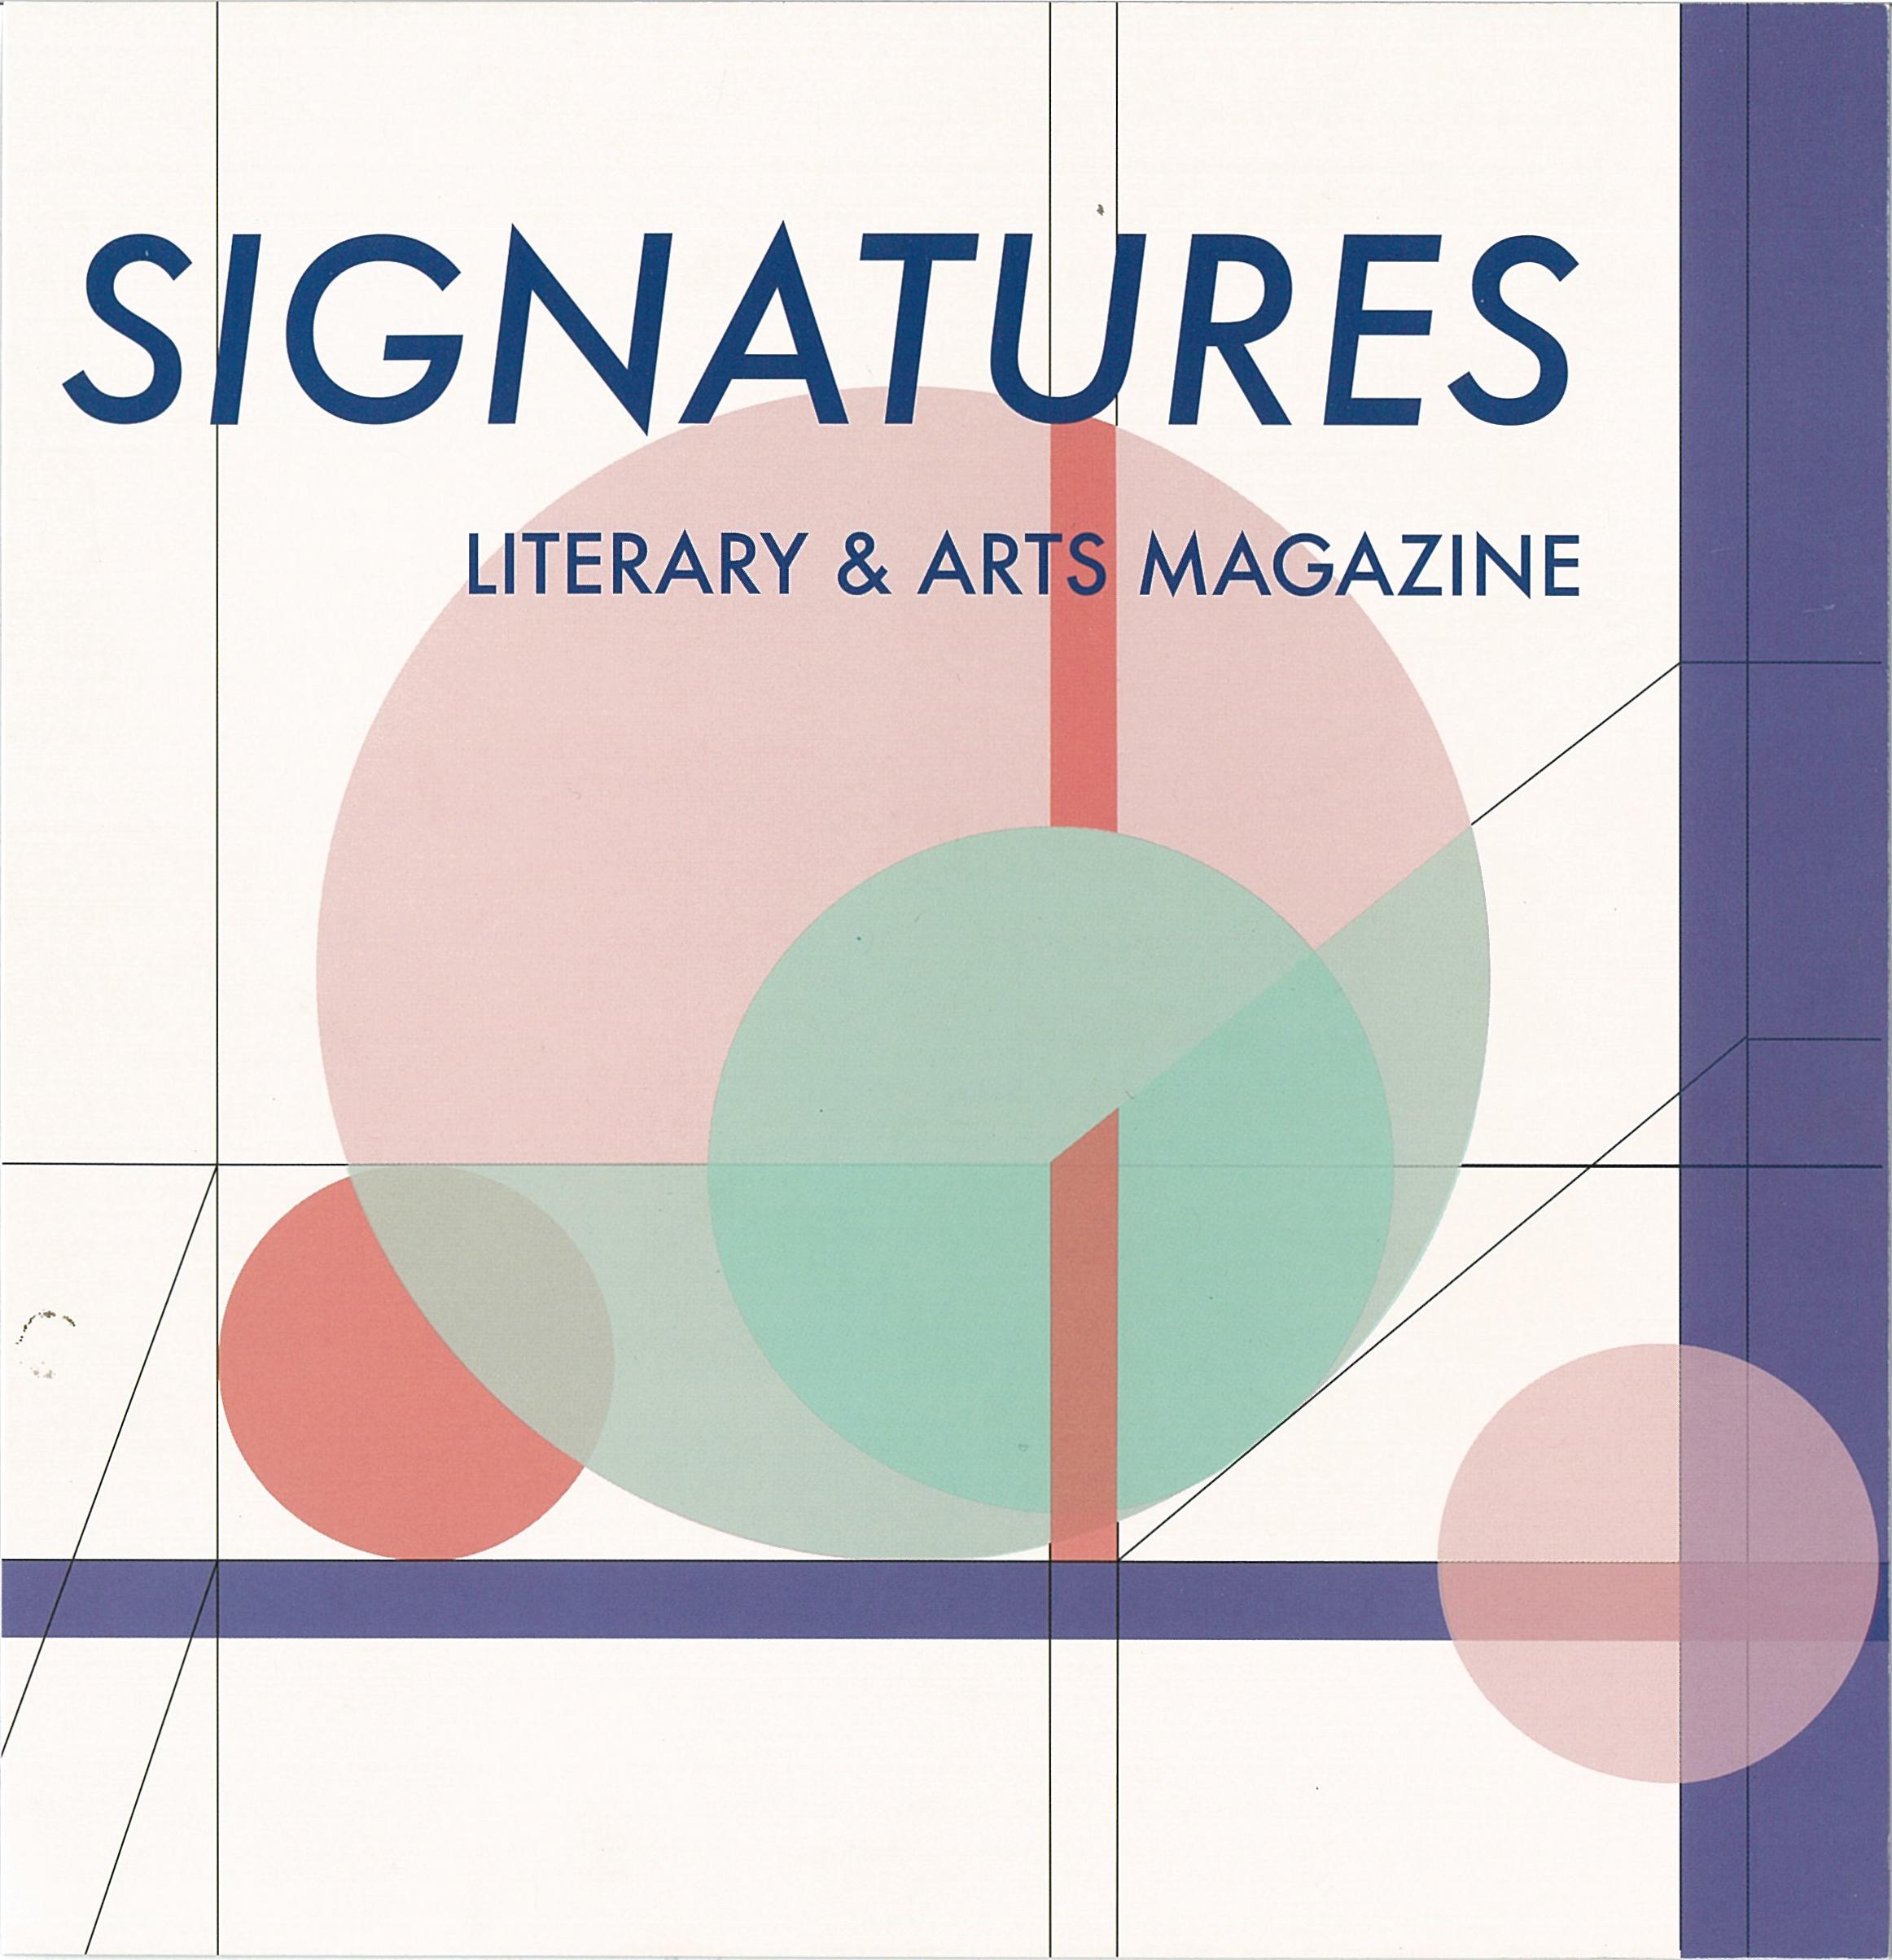 Signatures2013-2014-1.jpg